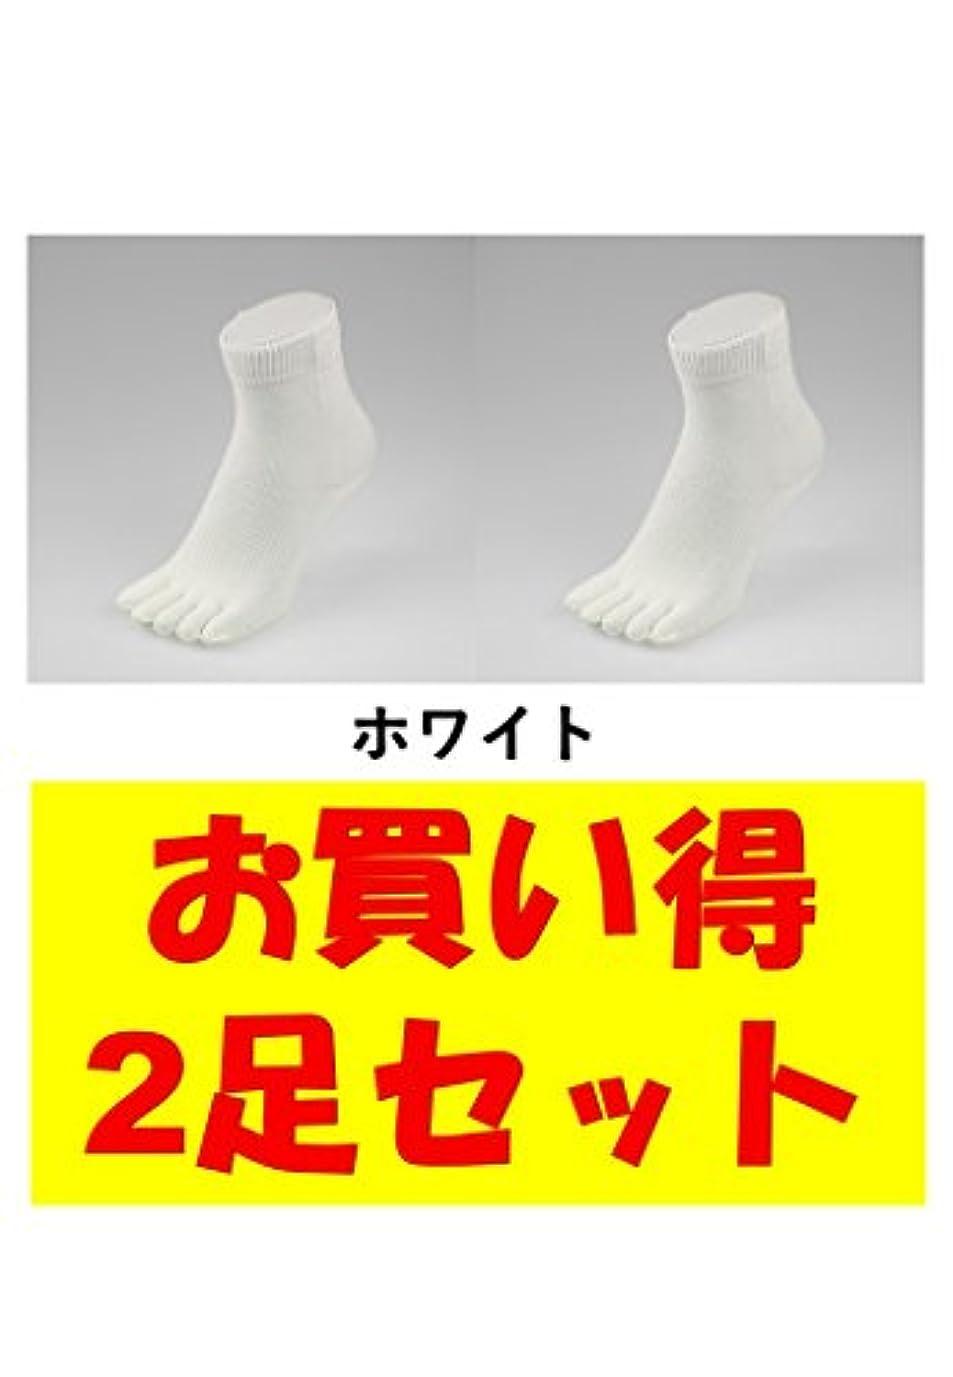 シェルカナダうつお買い得2足セット 5本指 ゆびのばソックス Neo EVE(イヴ) ホワイト iサイズ(23.5cm - 25.5cm) YSNEVE-WHT